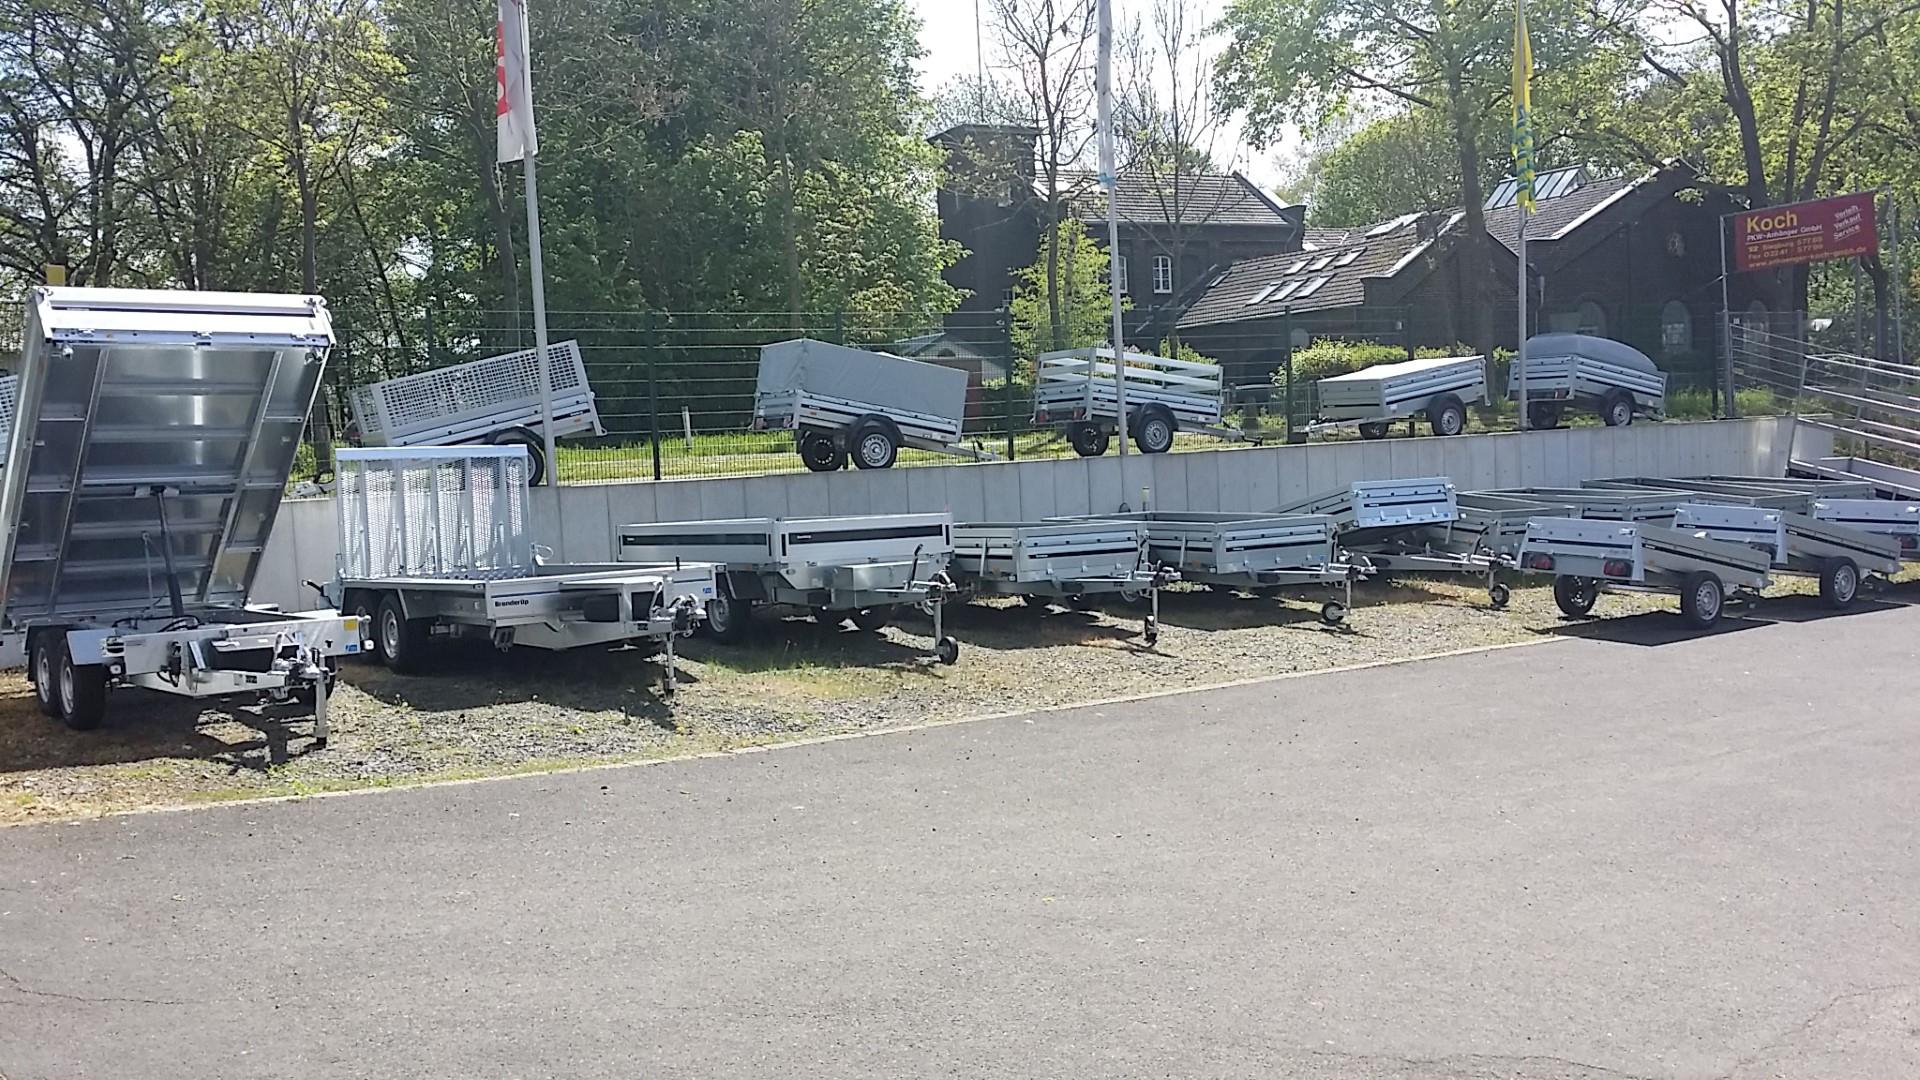 Das Bild zeigt einigige Anhänger der Koch PKW-Anhänger GmbH